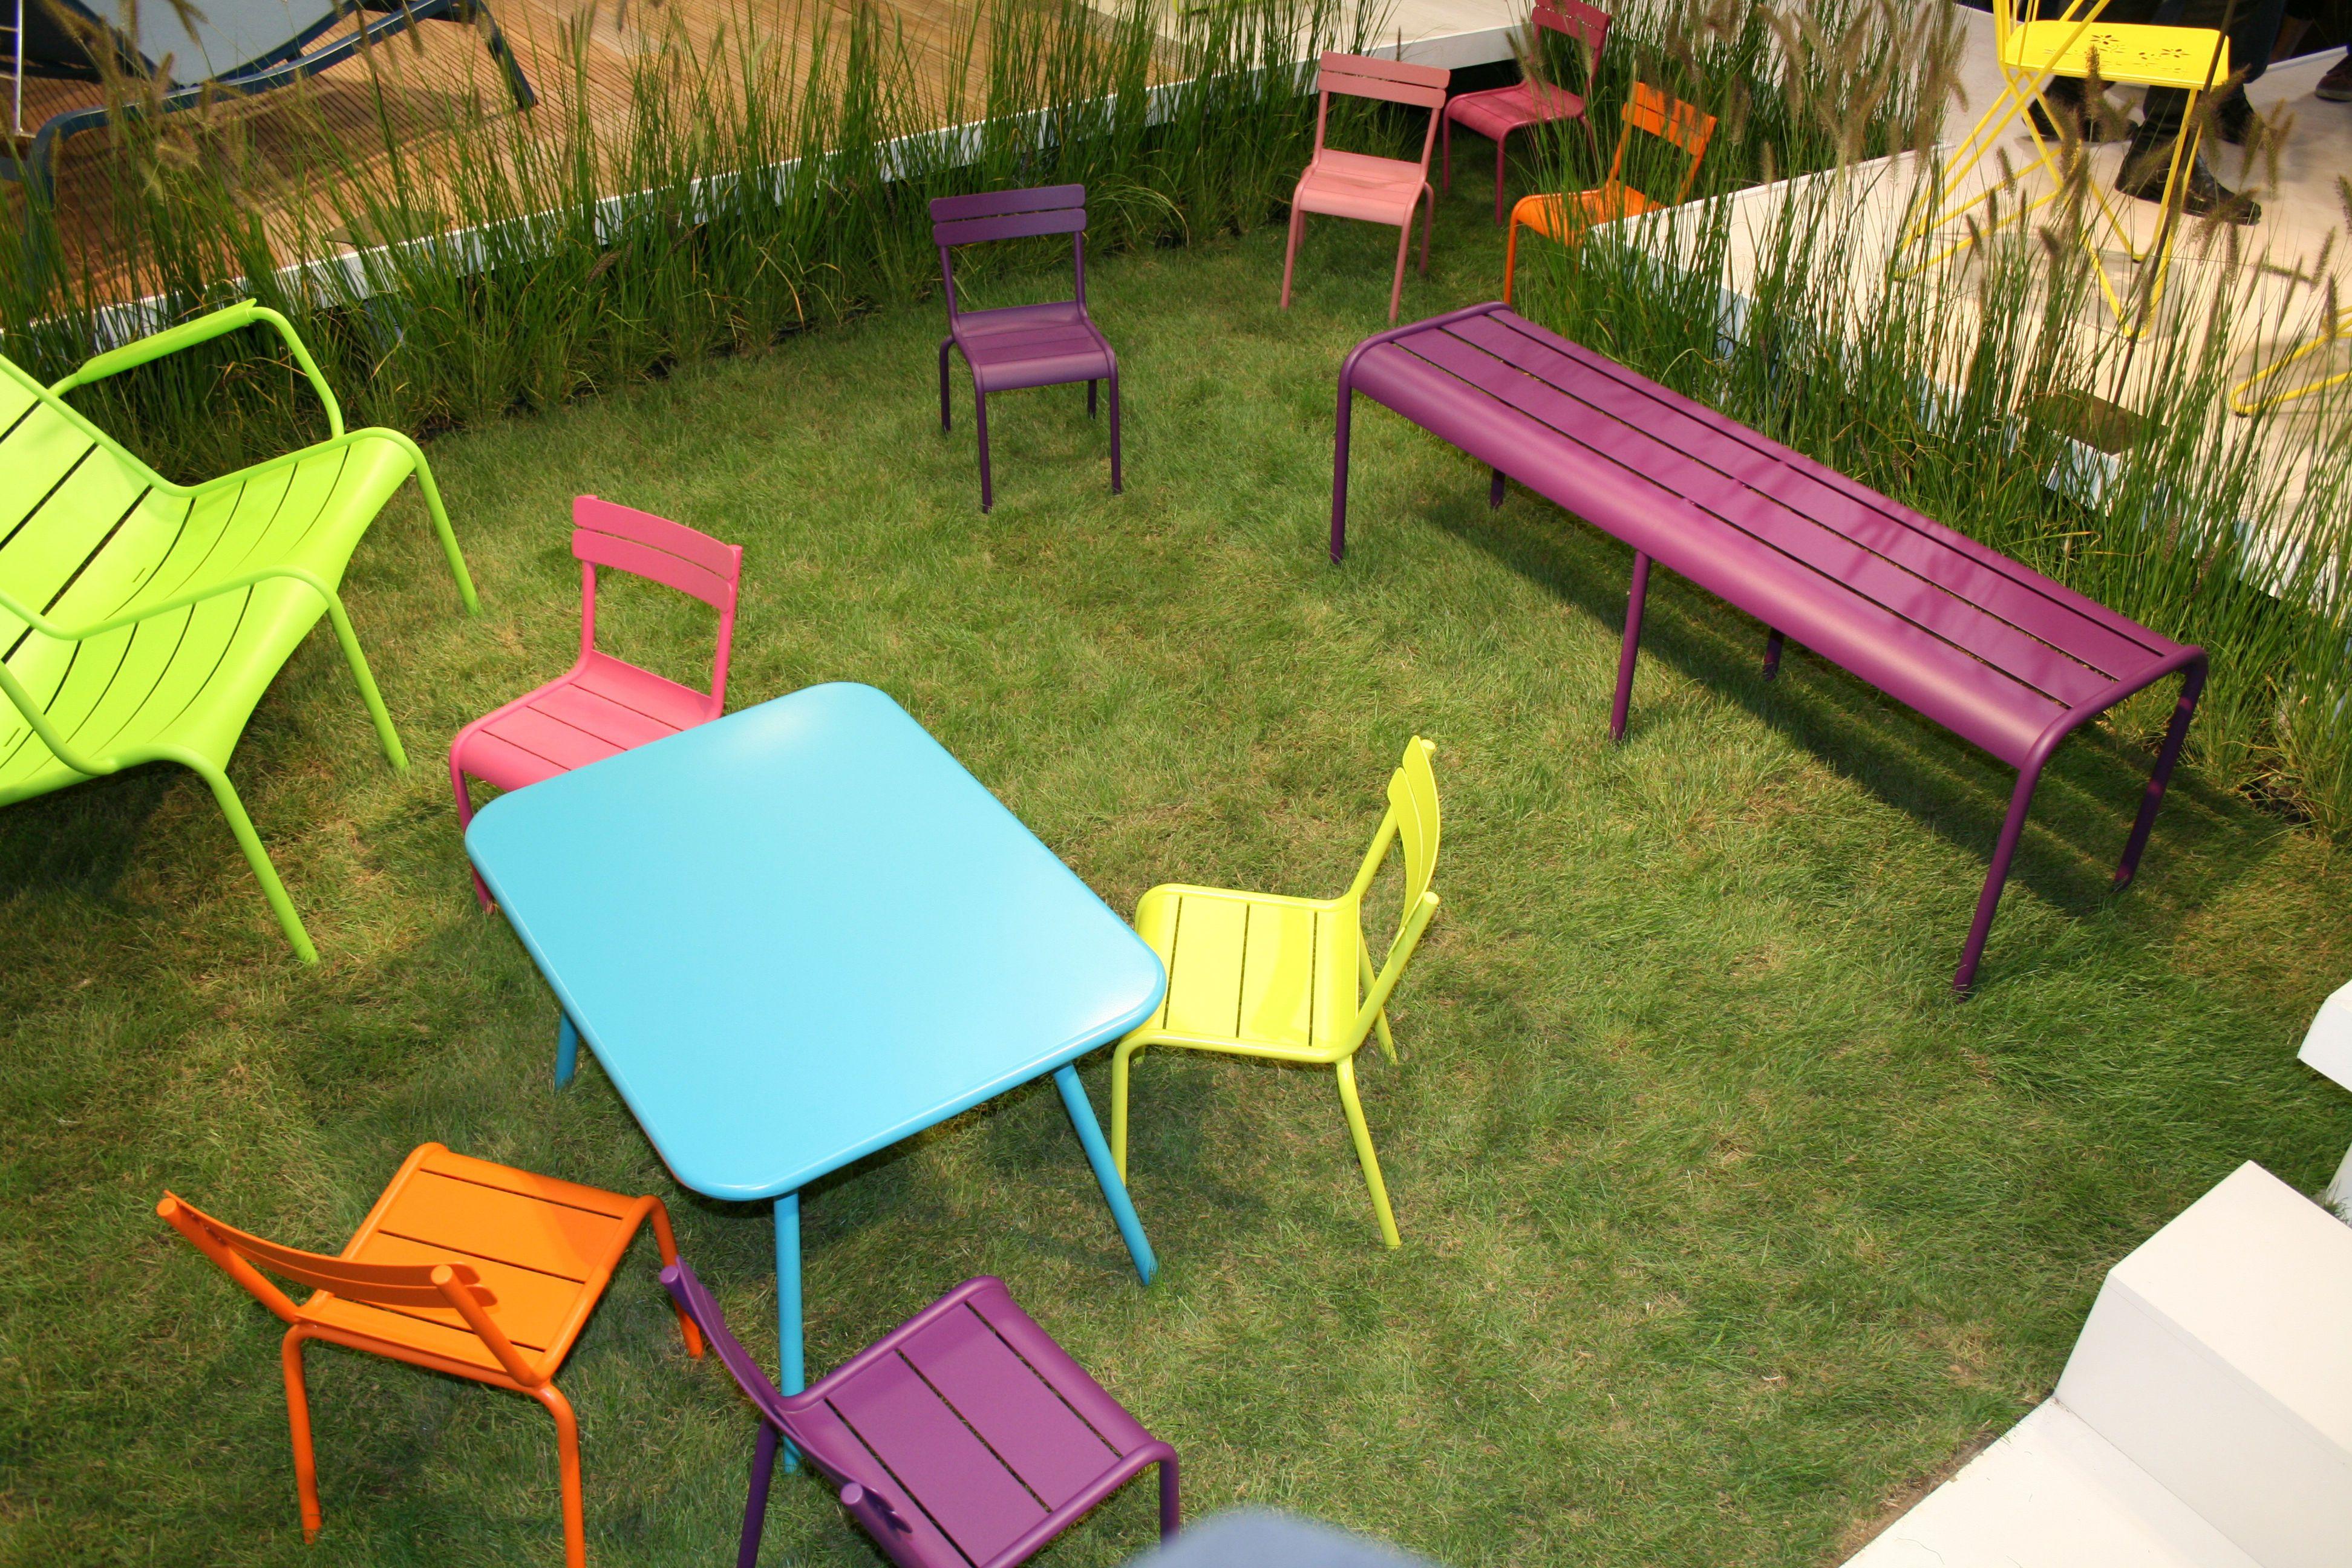 impressionnant salon de jardin en metal pas cher | Décoration ...